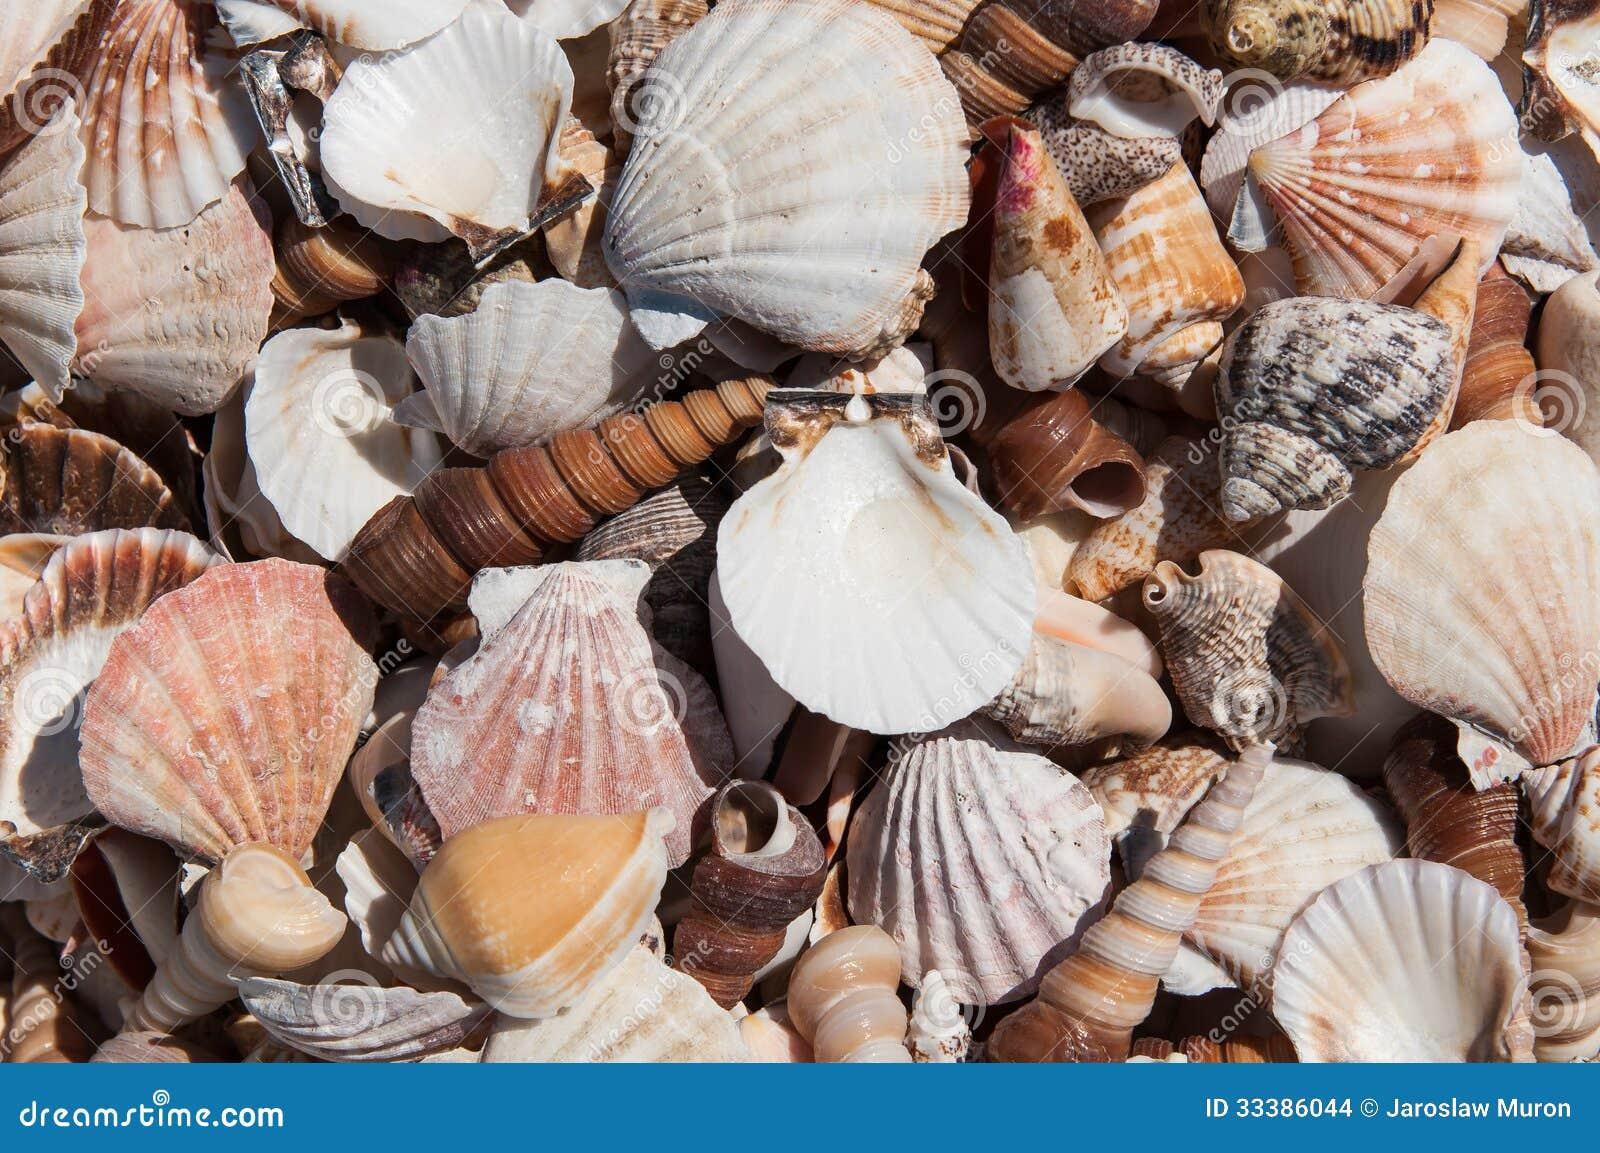 Miscellaneous sea shells